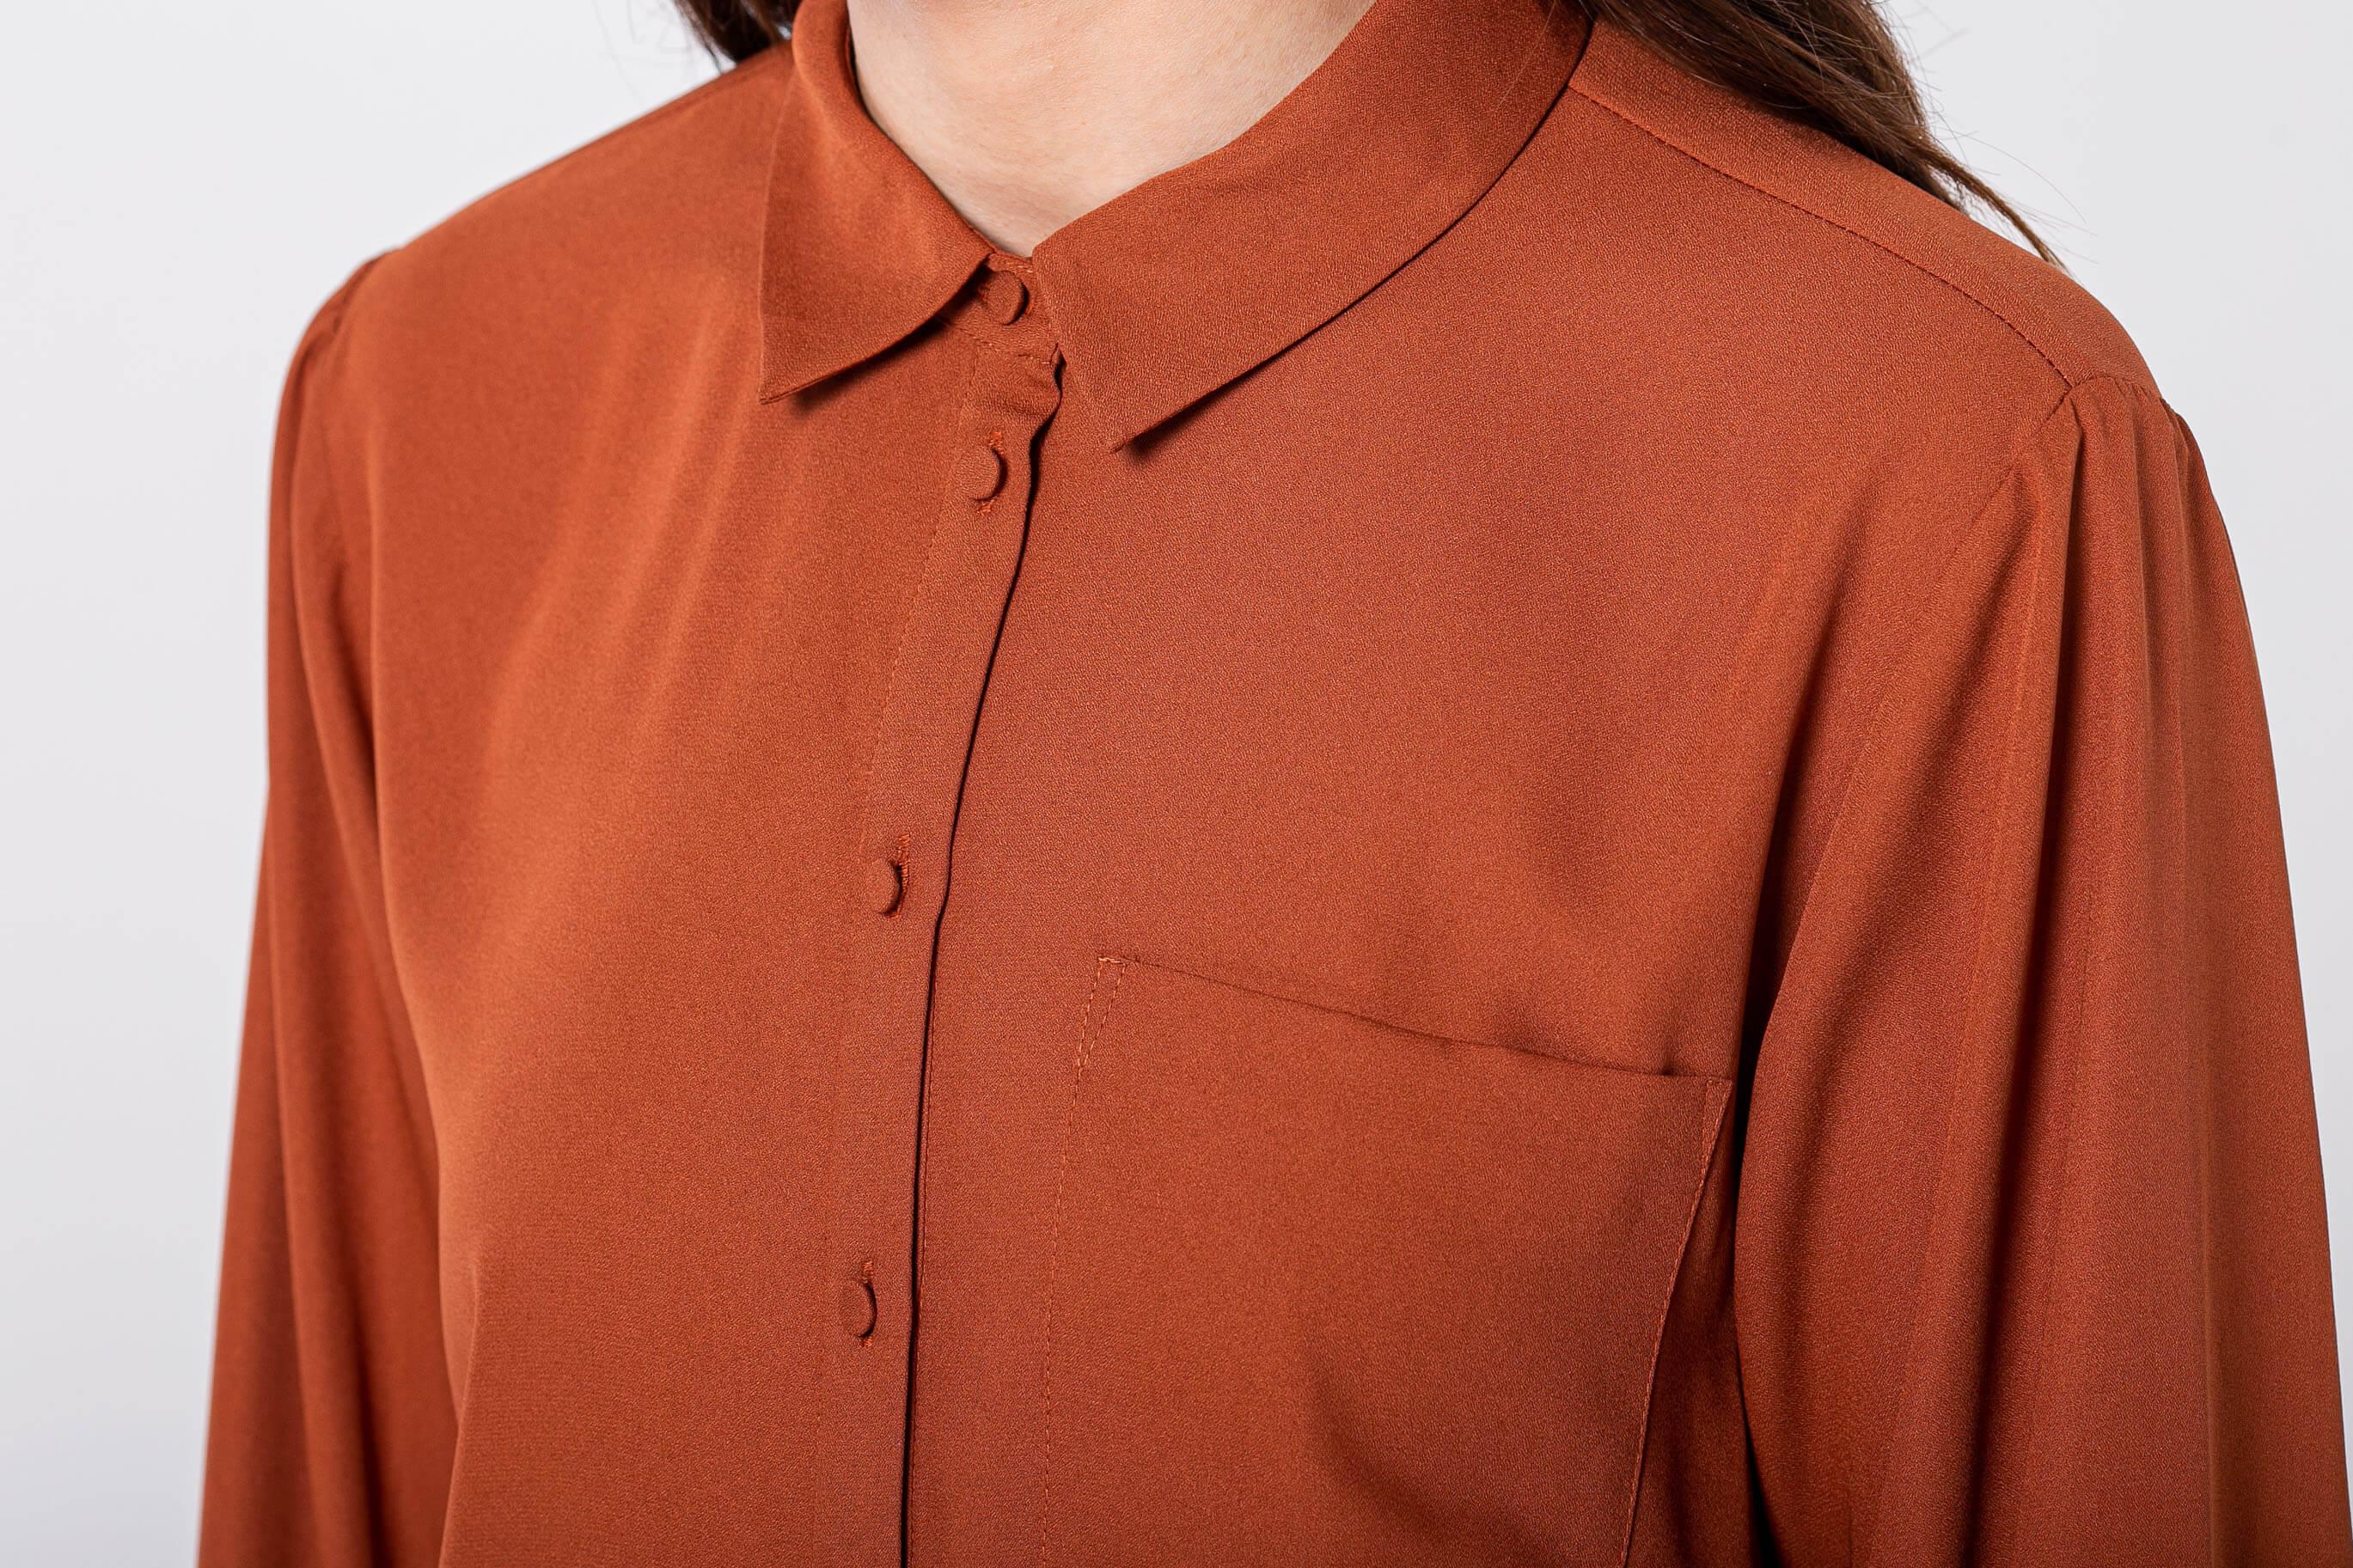 Рубашка Vero Moda Casual (1947) photo 0